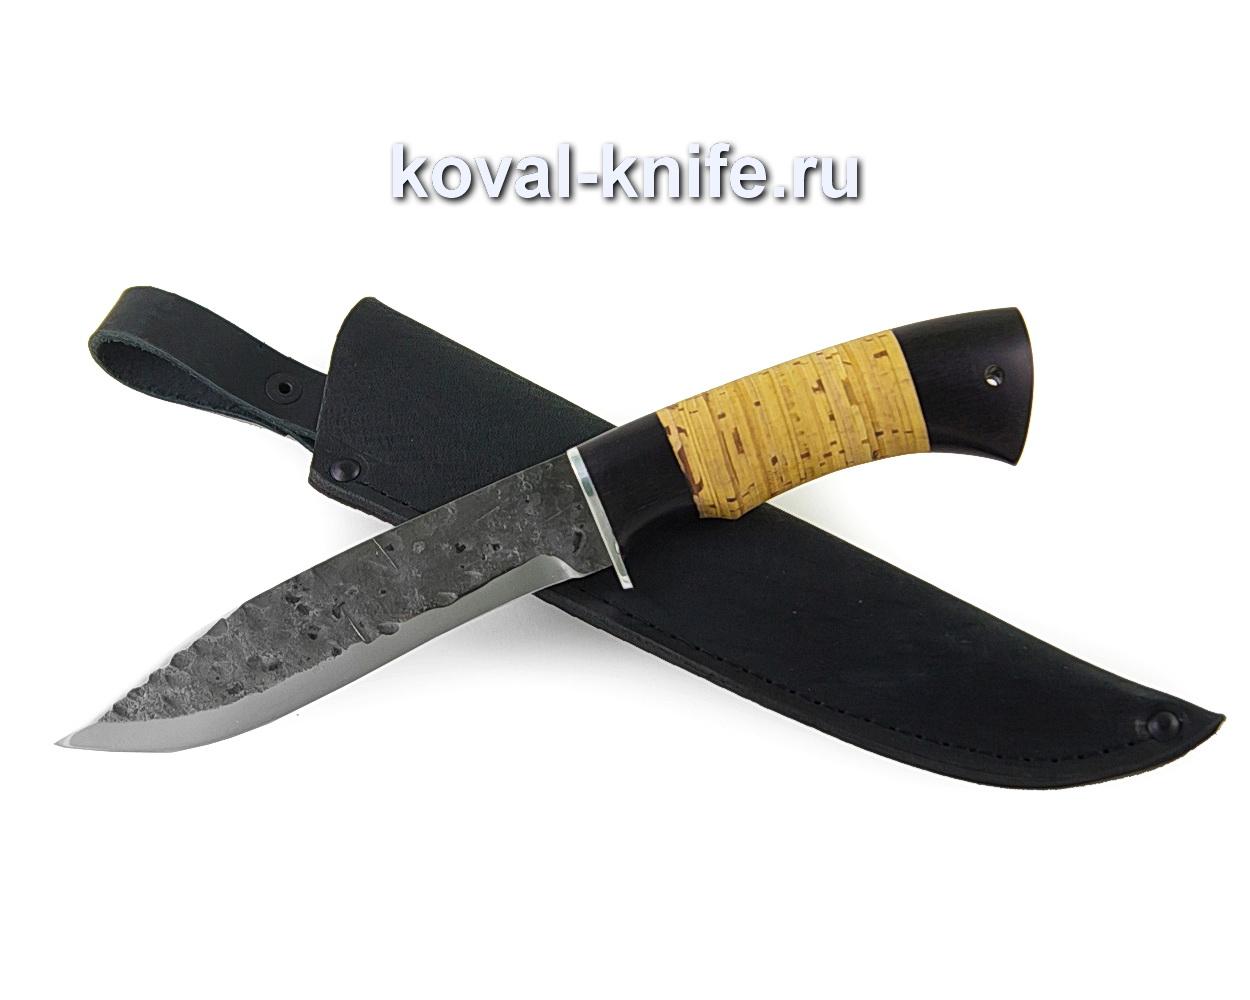 Нож Викинг из кованой стали 9хс (рукоять береста и граб) A370